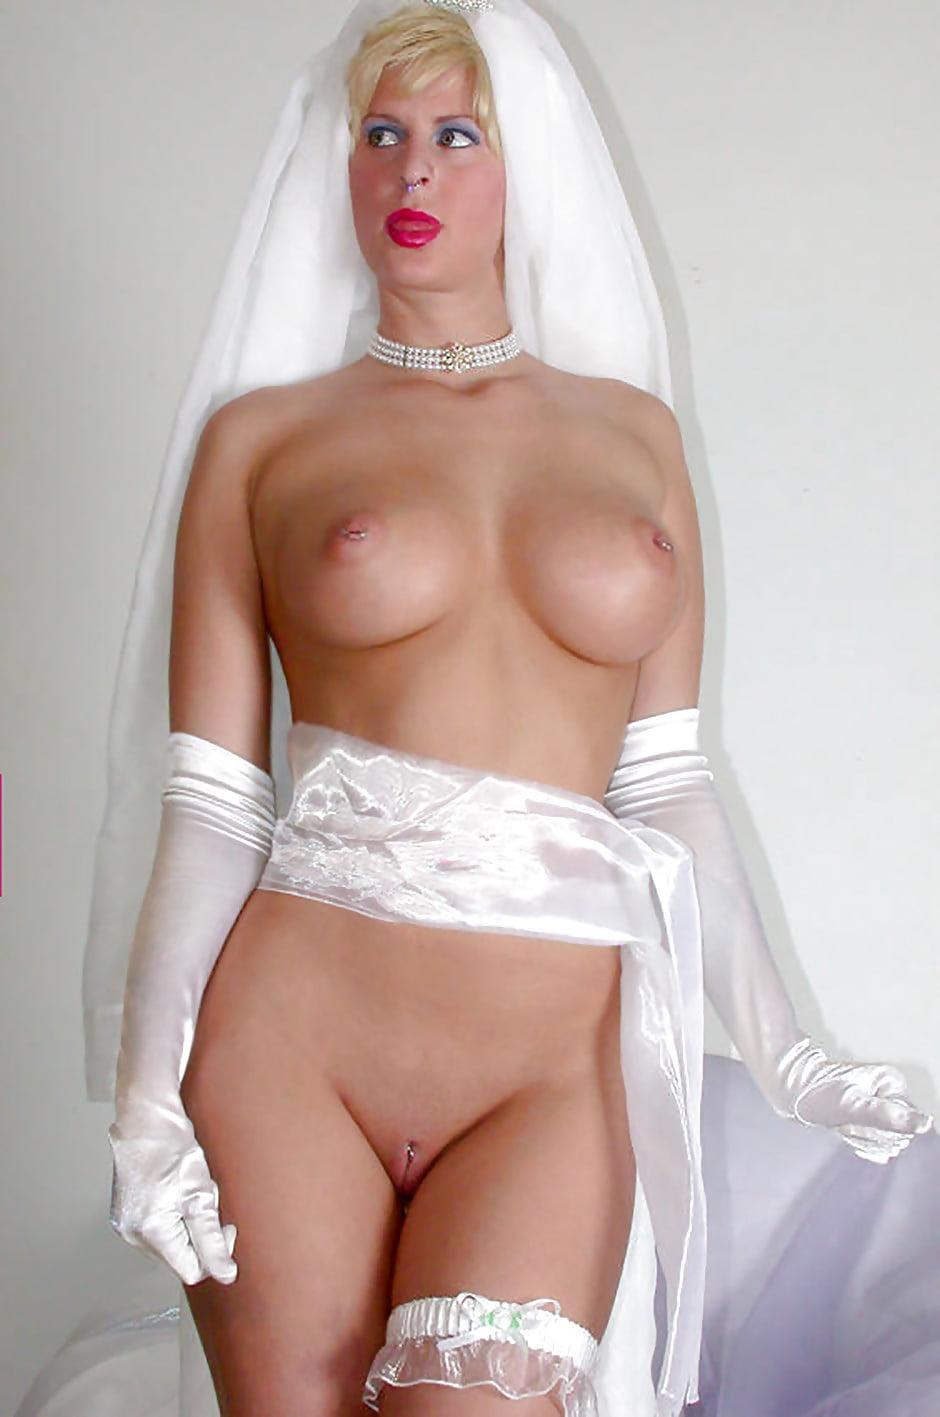 bride-cunt-cindy-morgannaked